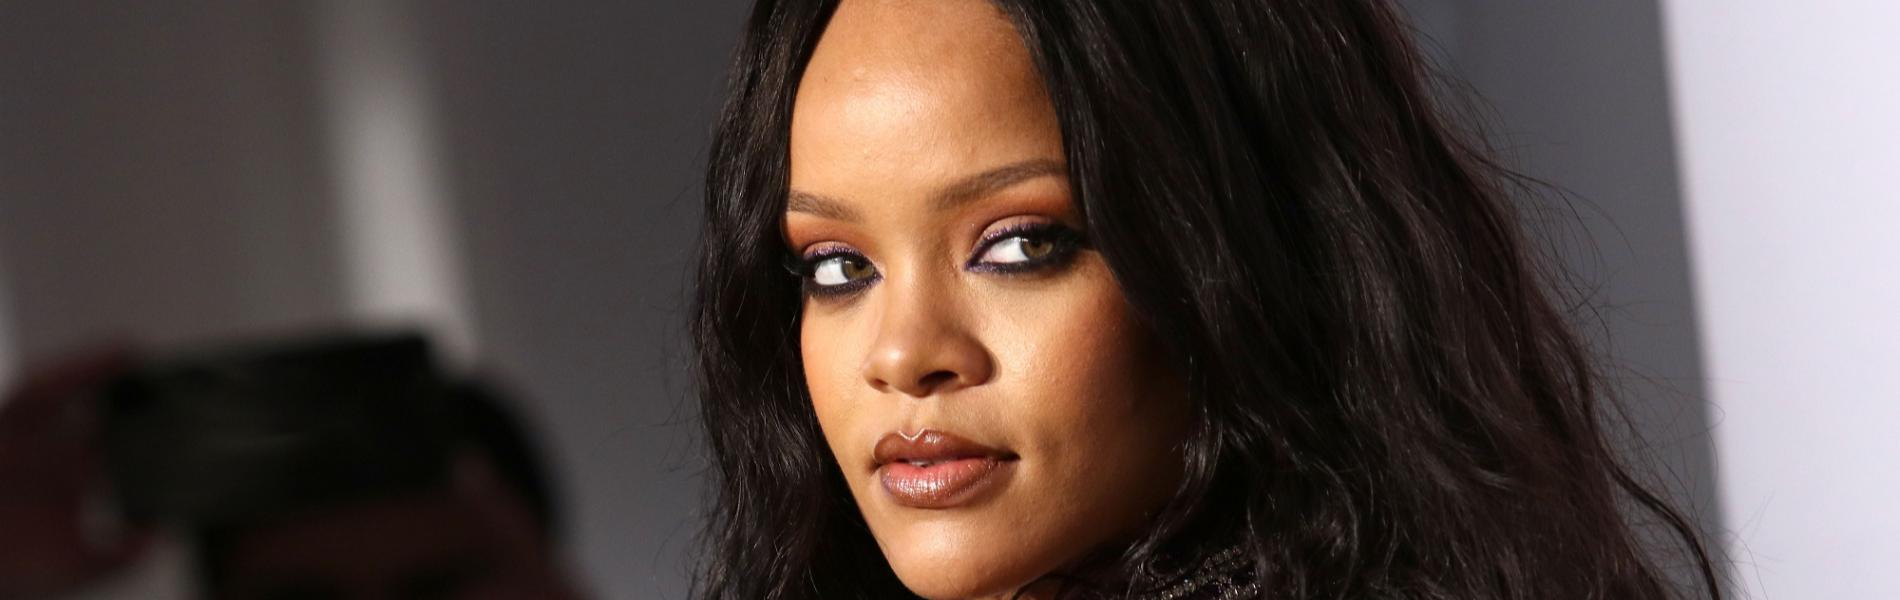 ריהאנה החליטה לסיים את הקשר הנצלני עם אביה והגישה נגדו תביעה